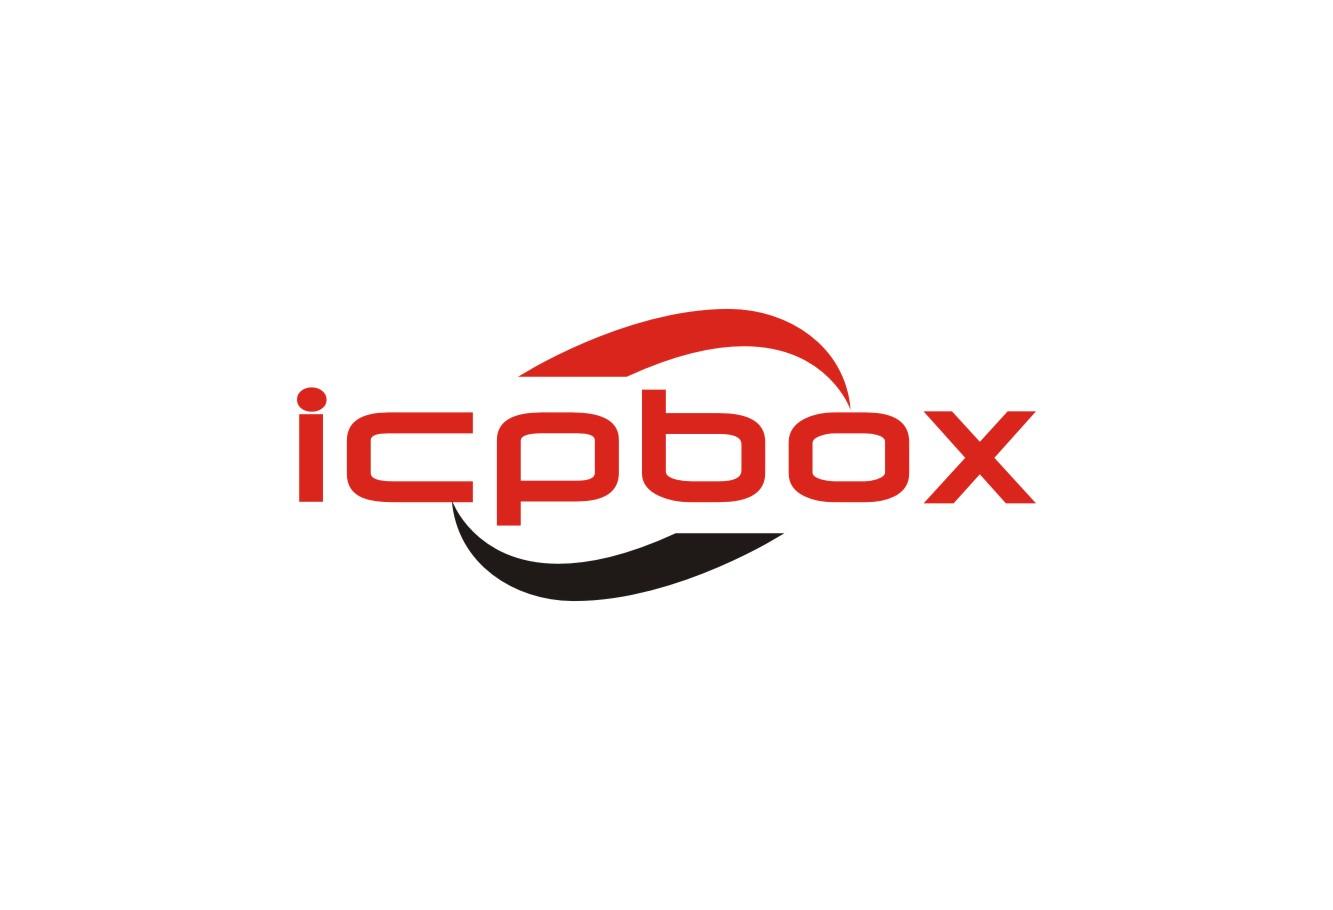 logo logo 标志 设计 矢量 矢量图 素材 图标 1333_910